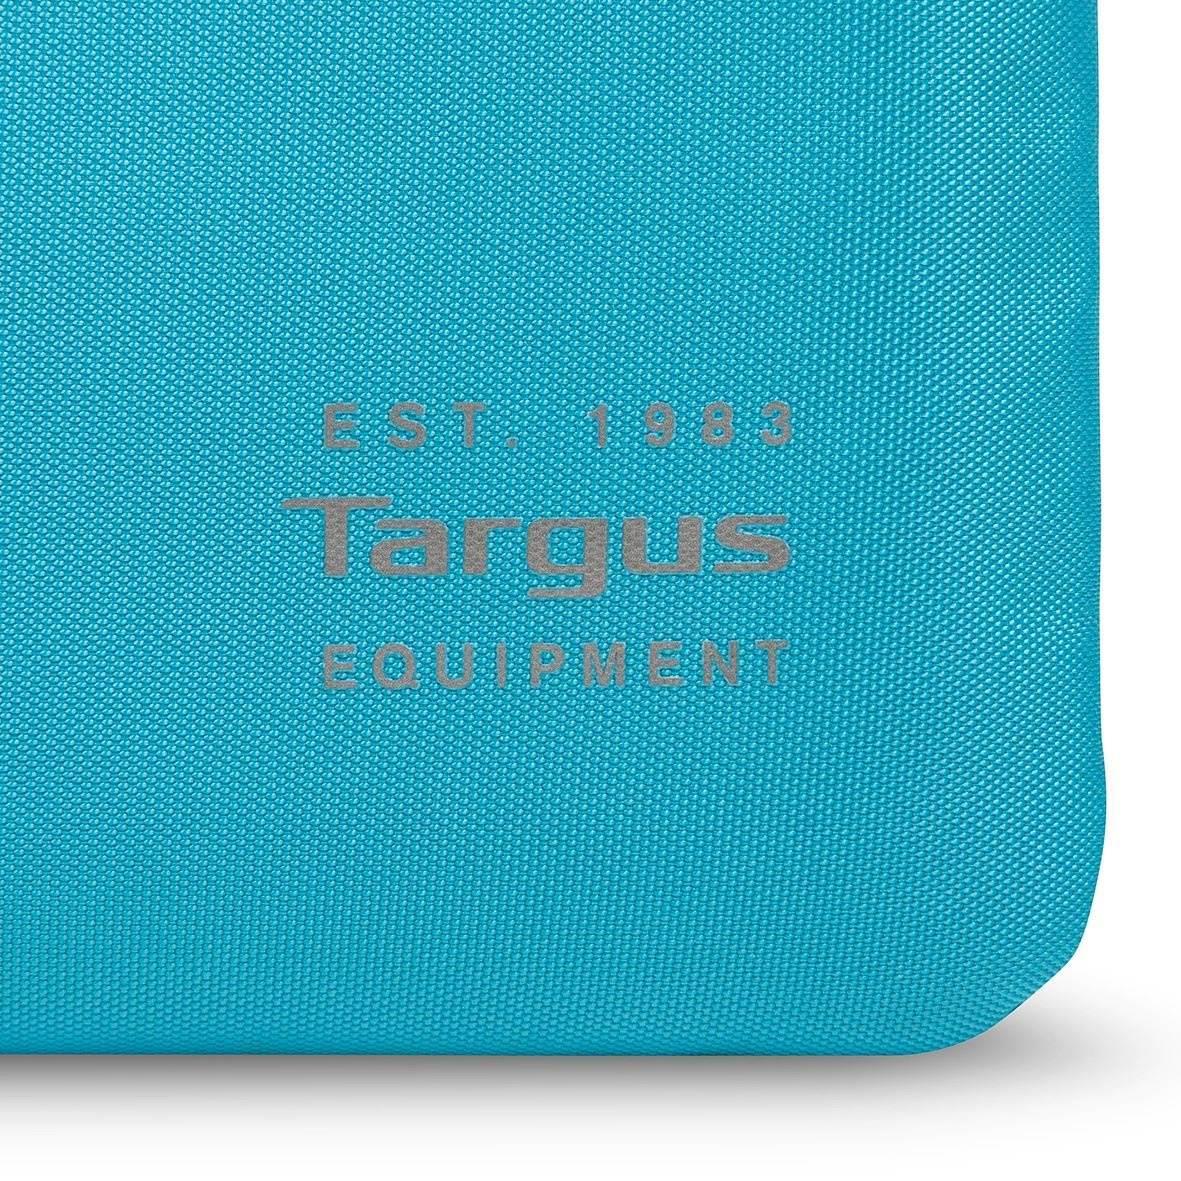 """Чехол для ноутбука 15.6"""" Targus TSS95102EU черный/синий - фото 6"""